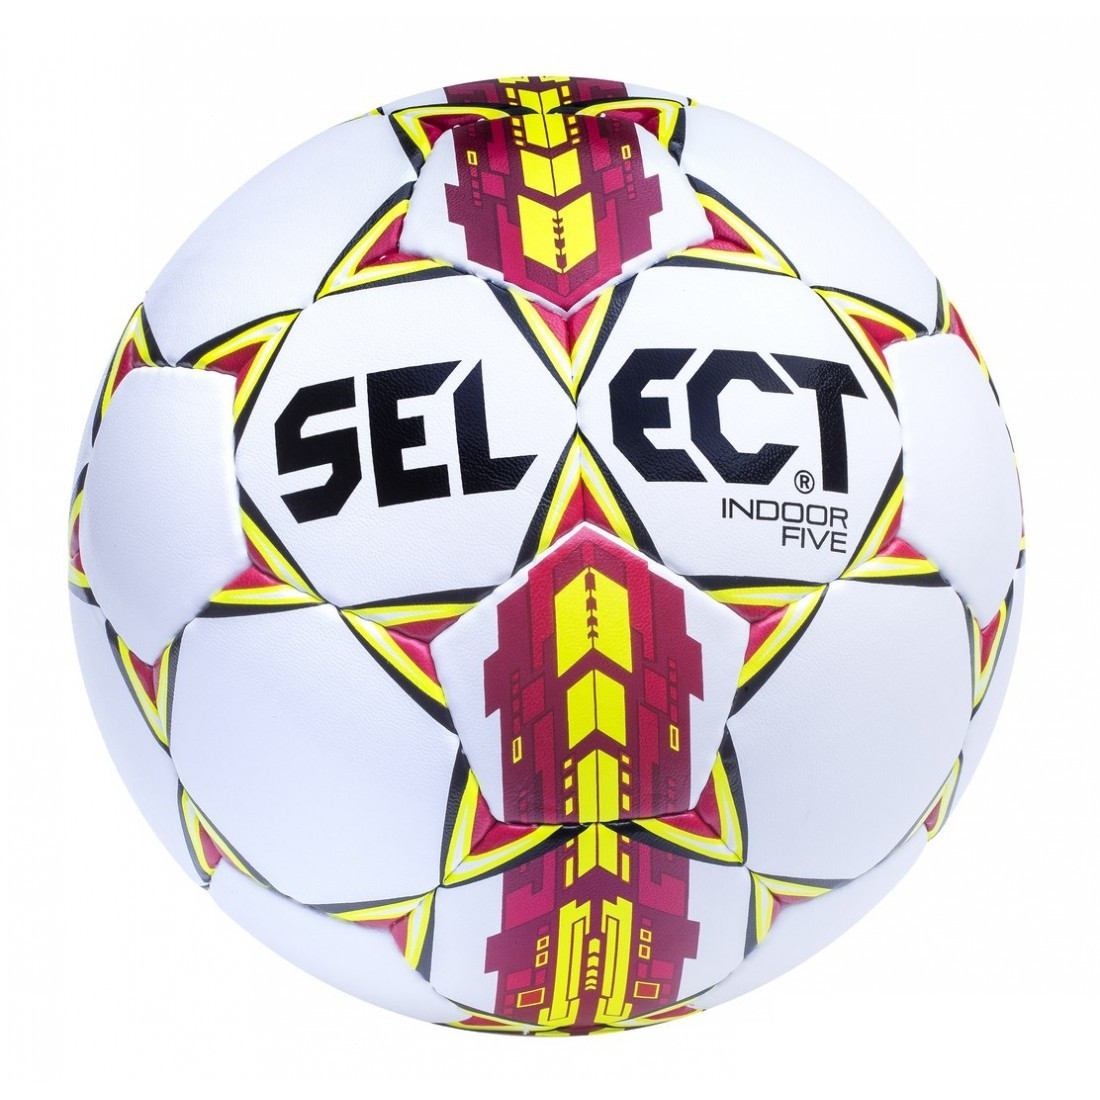 Мяч SELECT INDOOR FIVE (852708-003)